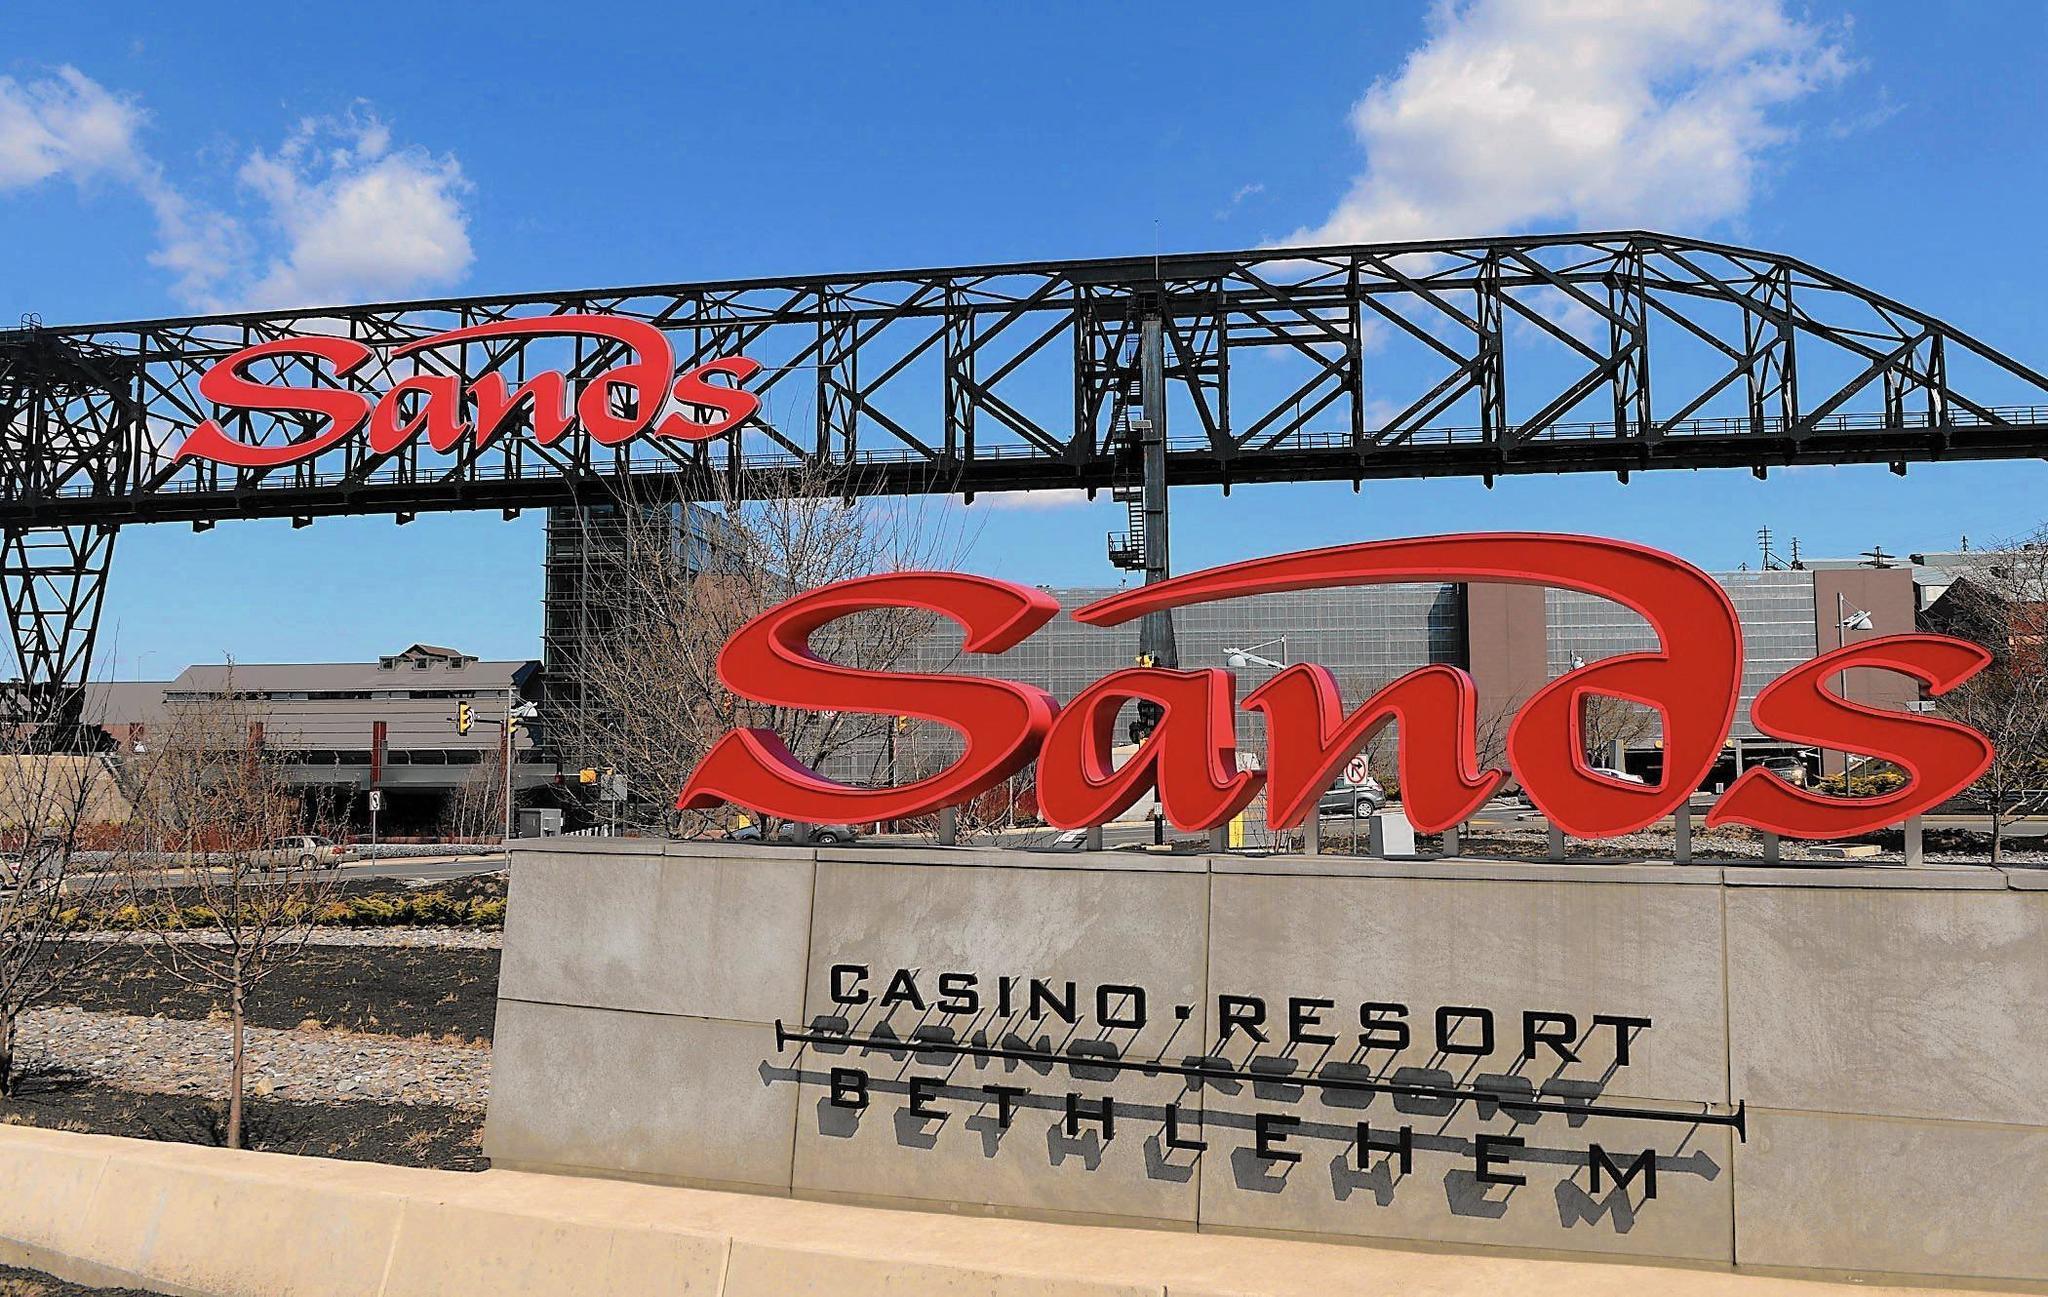 william hill casino free roulette